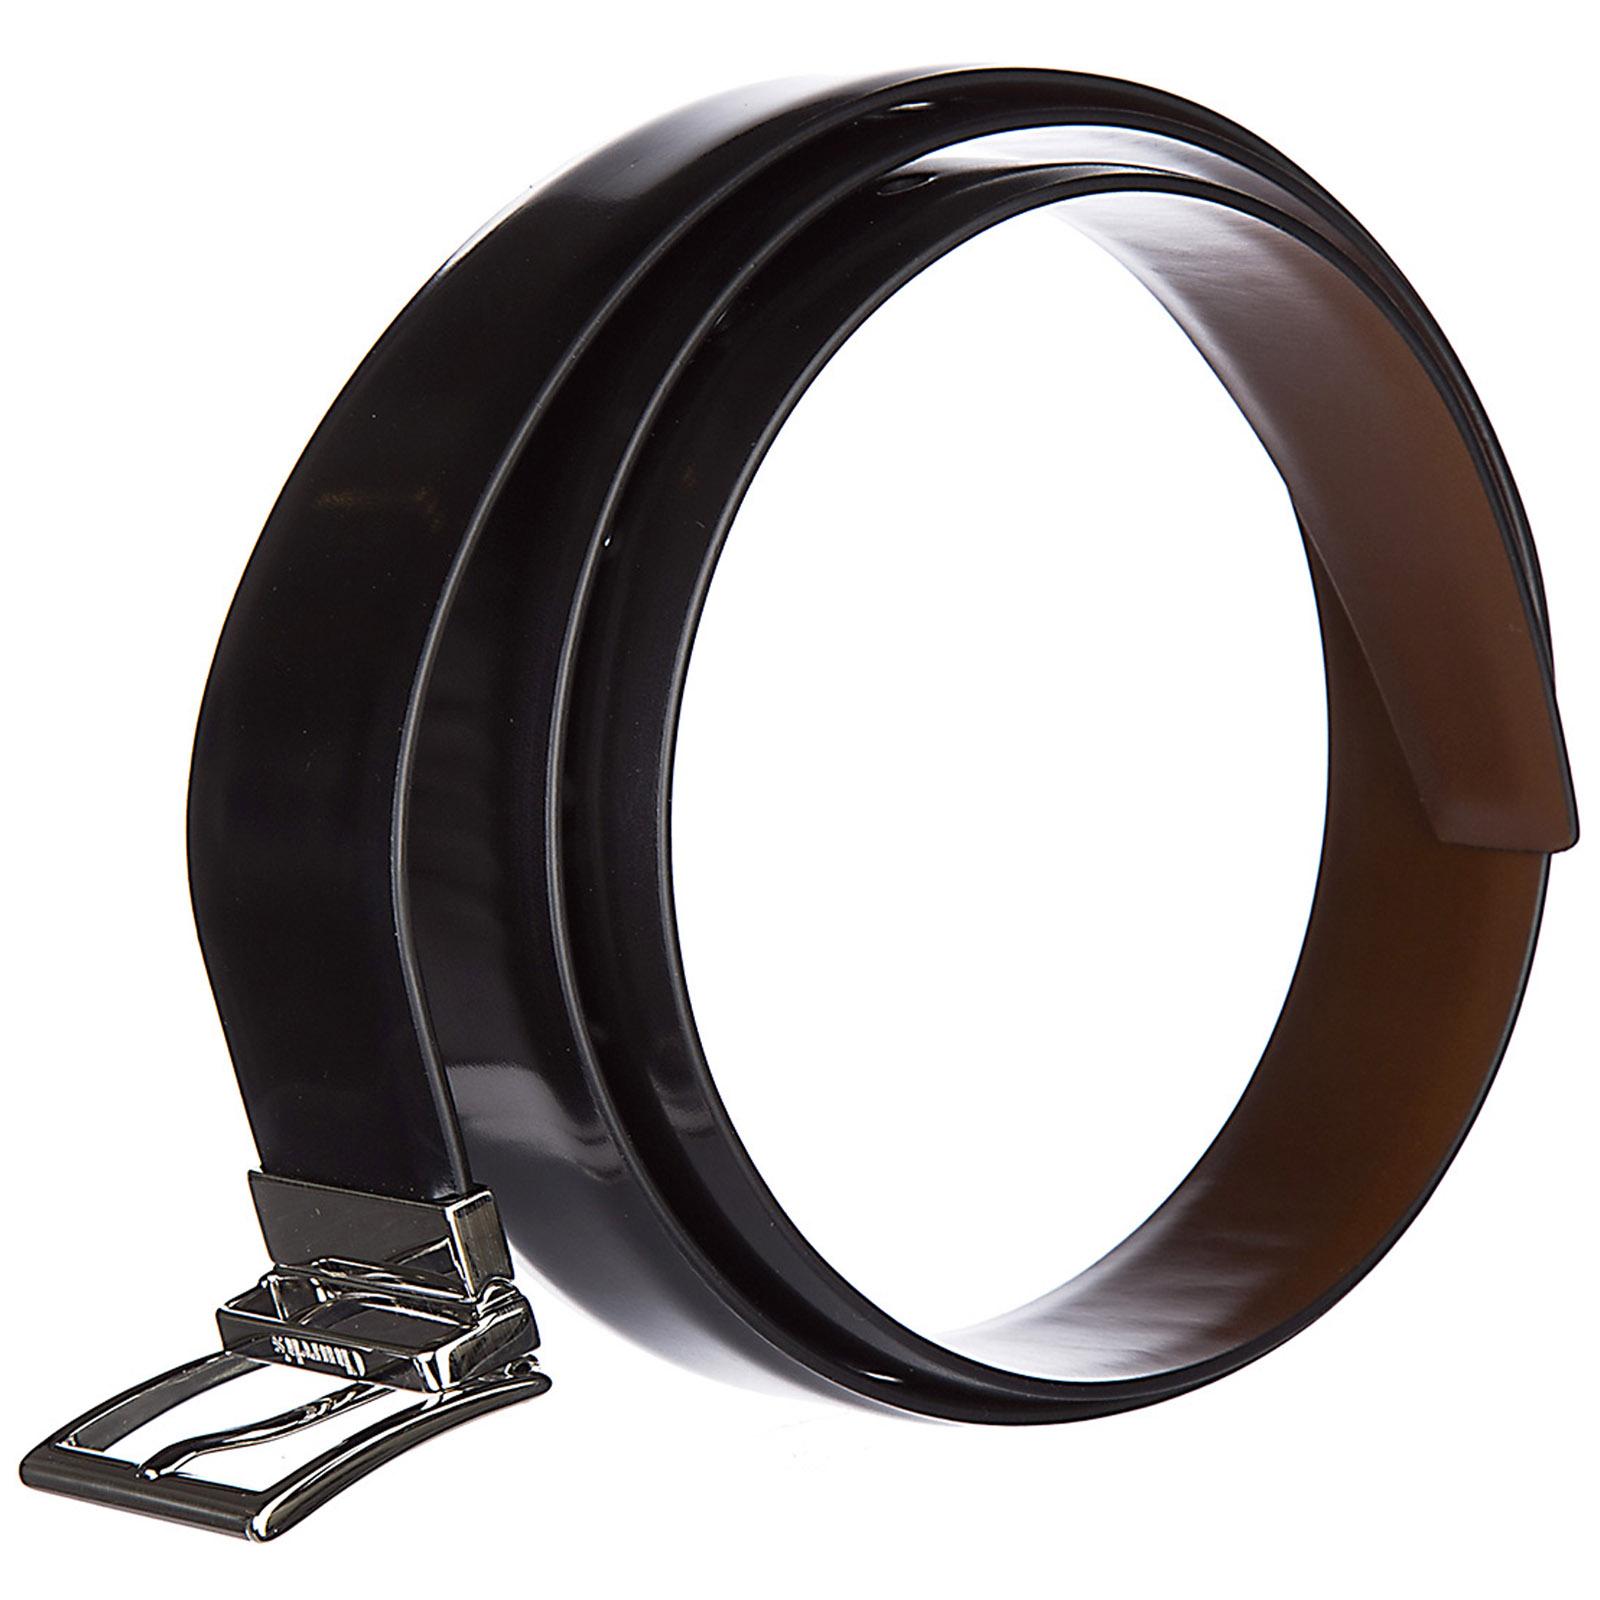 Cinturón en piel de hombre ajustable reversible polishbinder